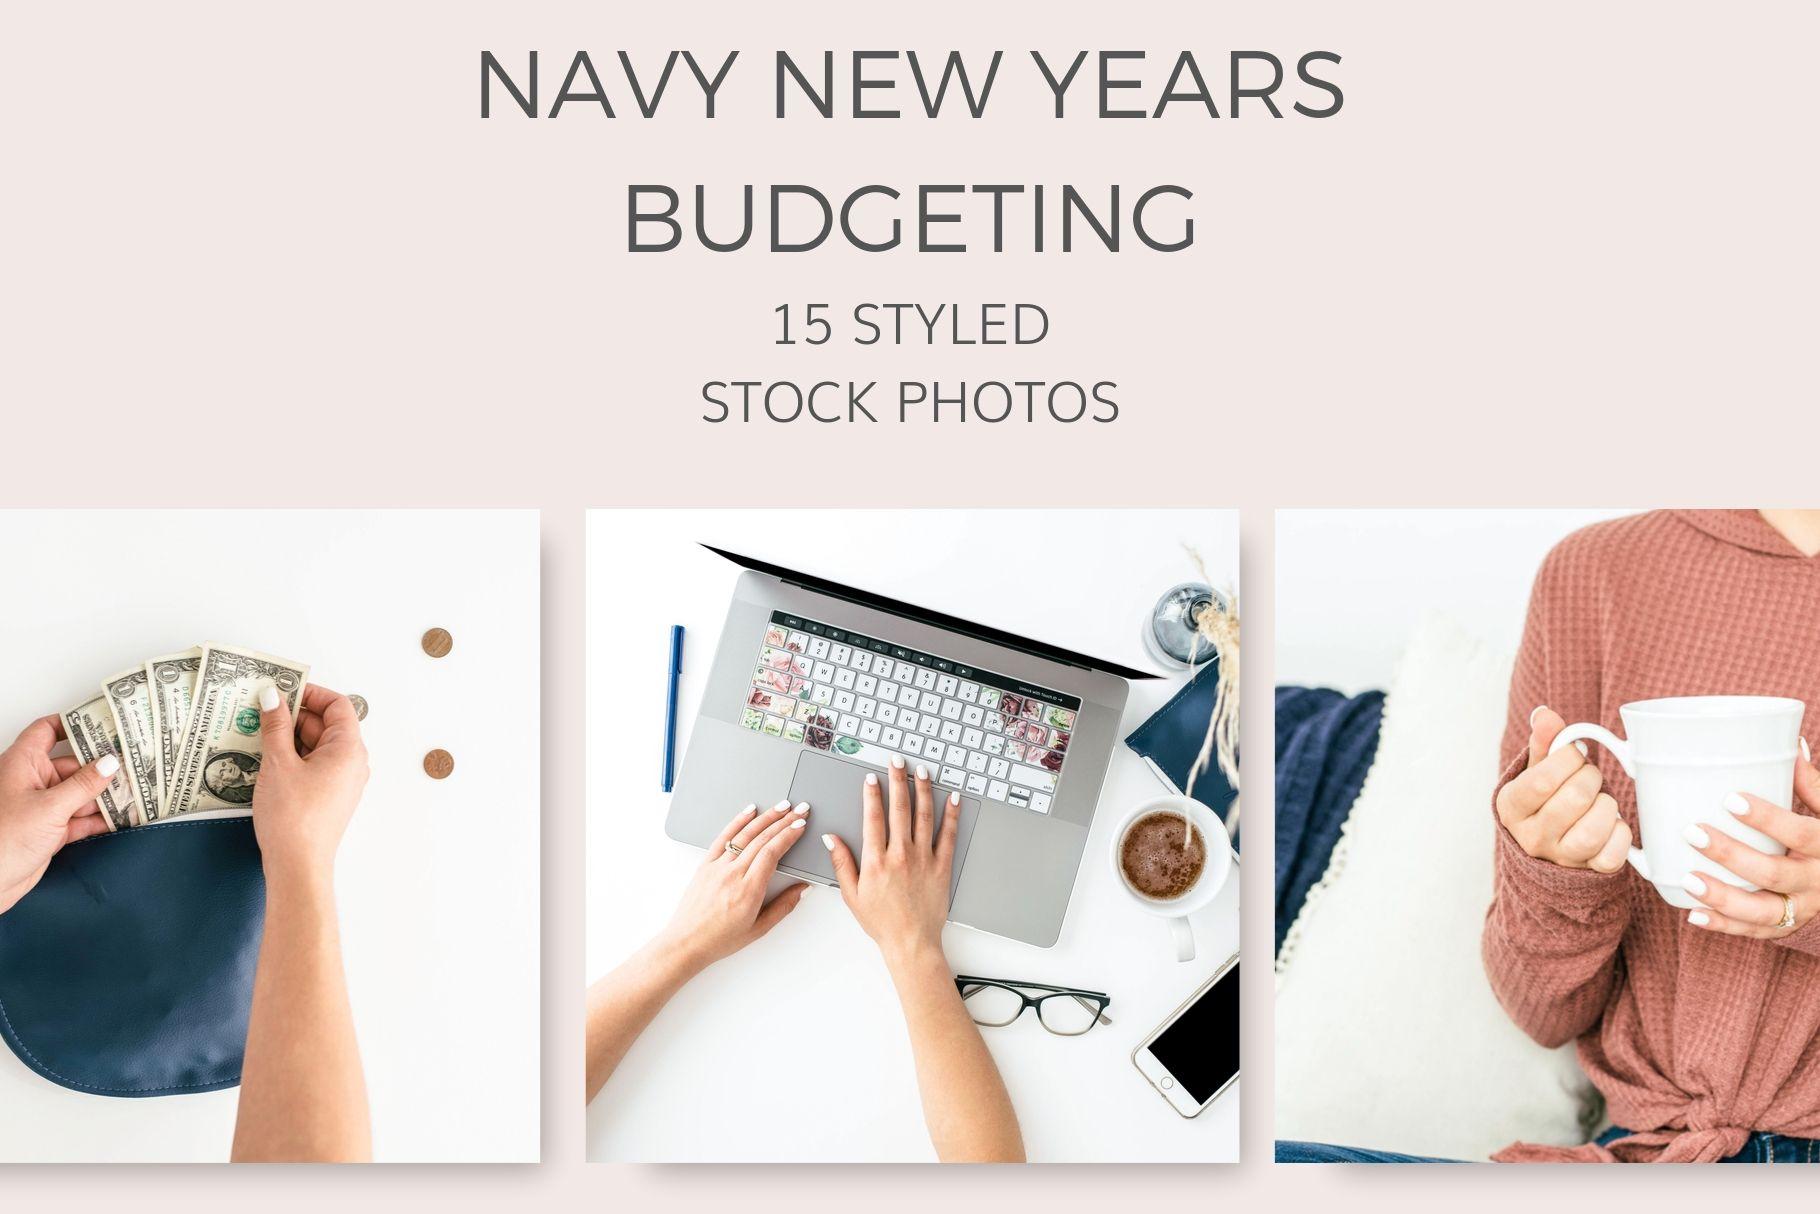 navy budget stock photos sample